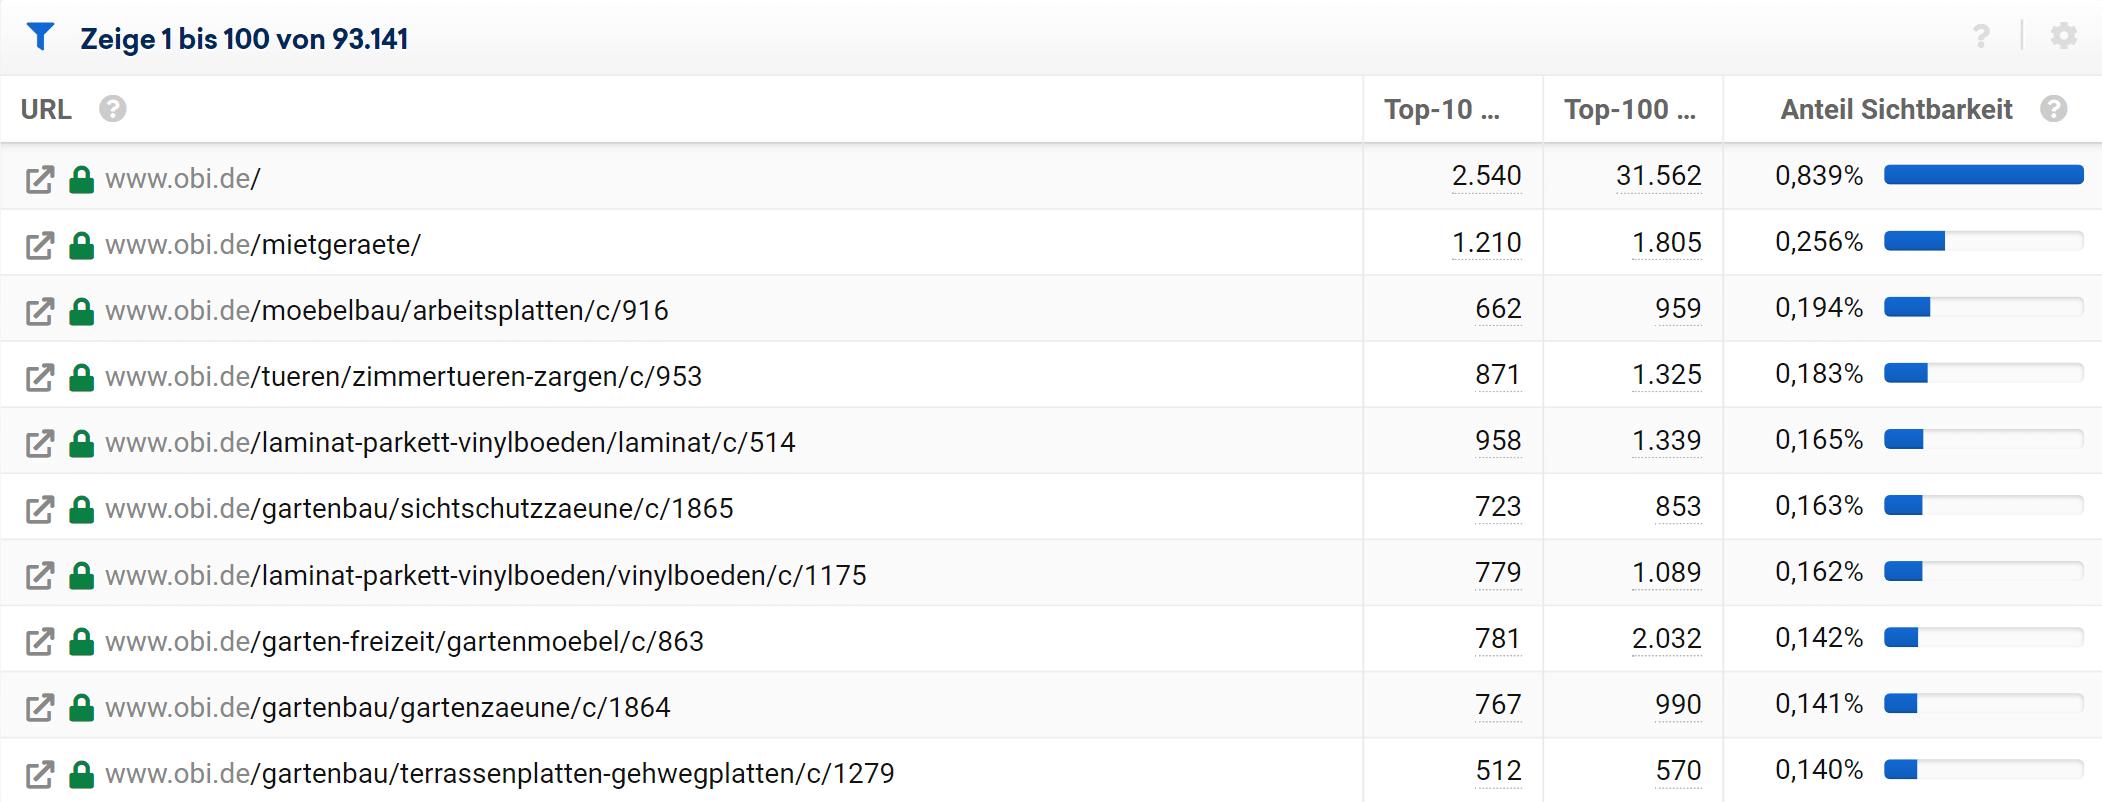 URL-Tabelle in der SISTRIX Toolbox. Zu sehen sind die URL sowie die Anzahl der Top-10 und Top-100 Rankings für diese URL.